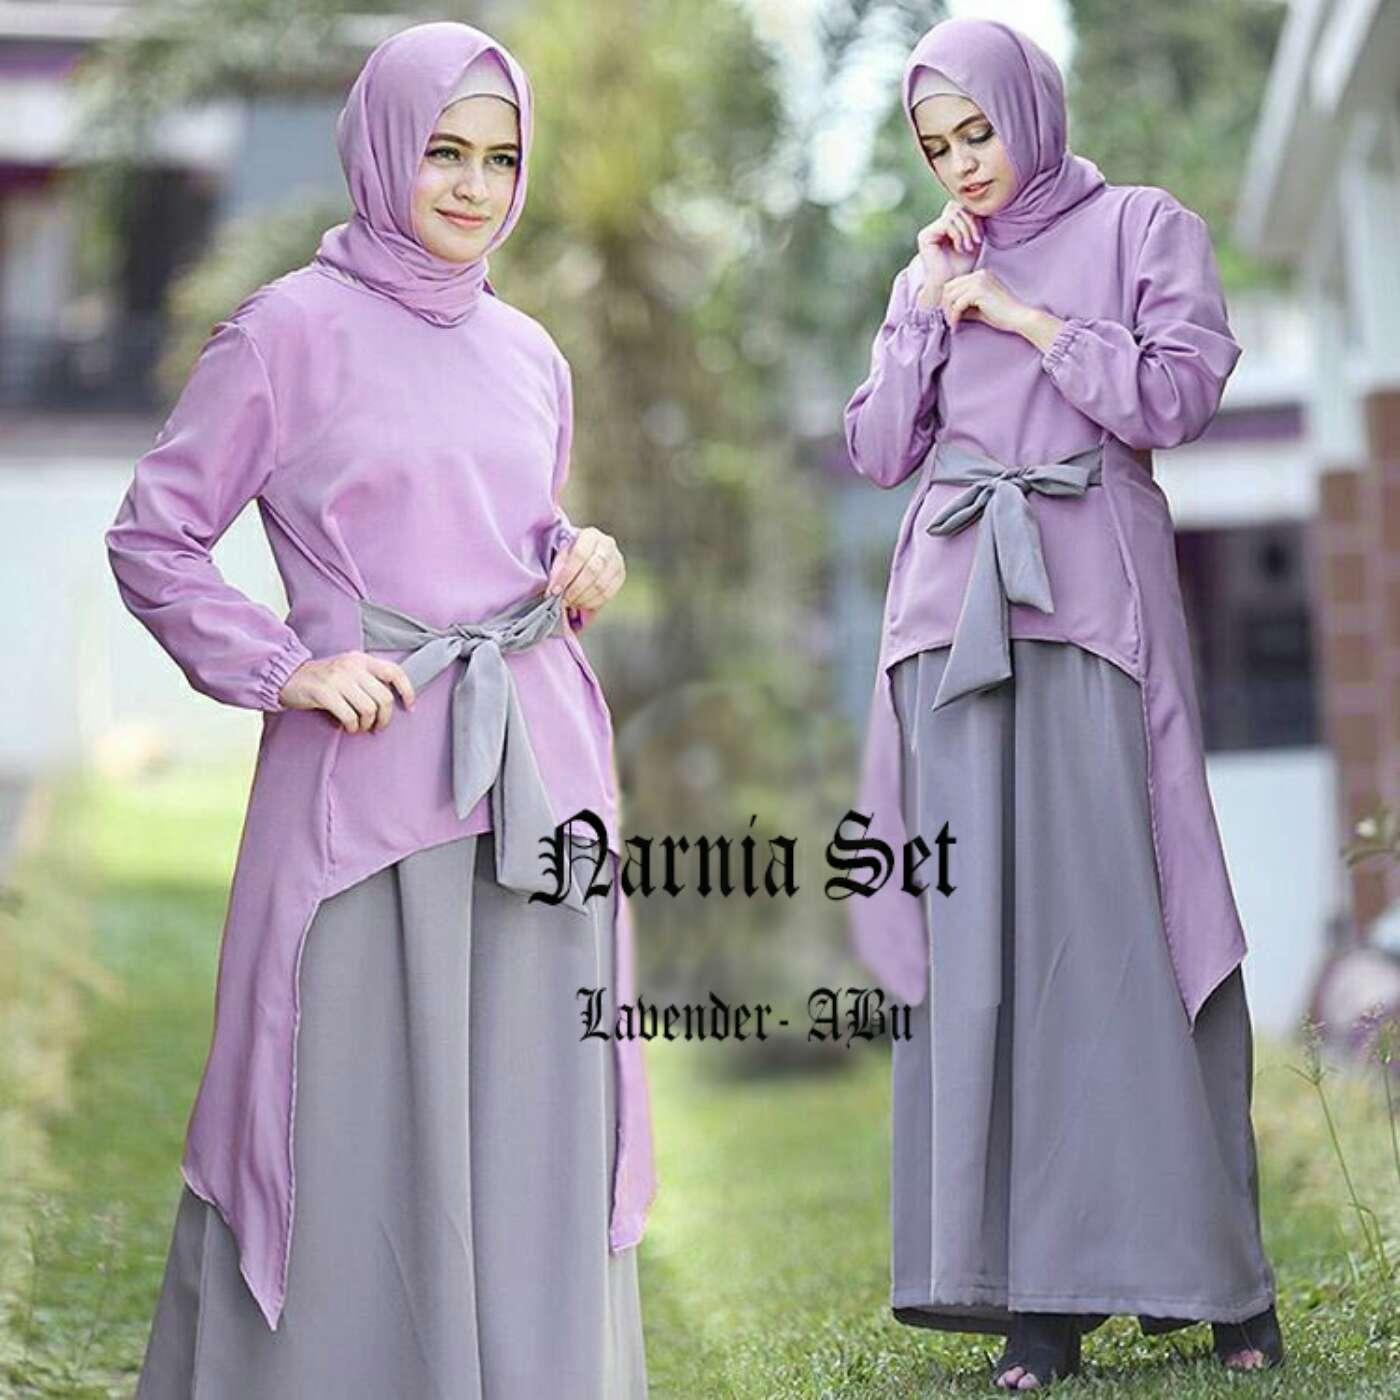 Baju-Setelan-Hijab-Celana-Modis-dan-Murah-Paket-Terbaru-Warna-Lavender.jpg